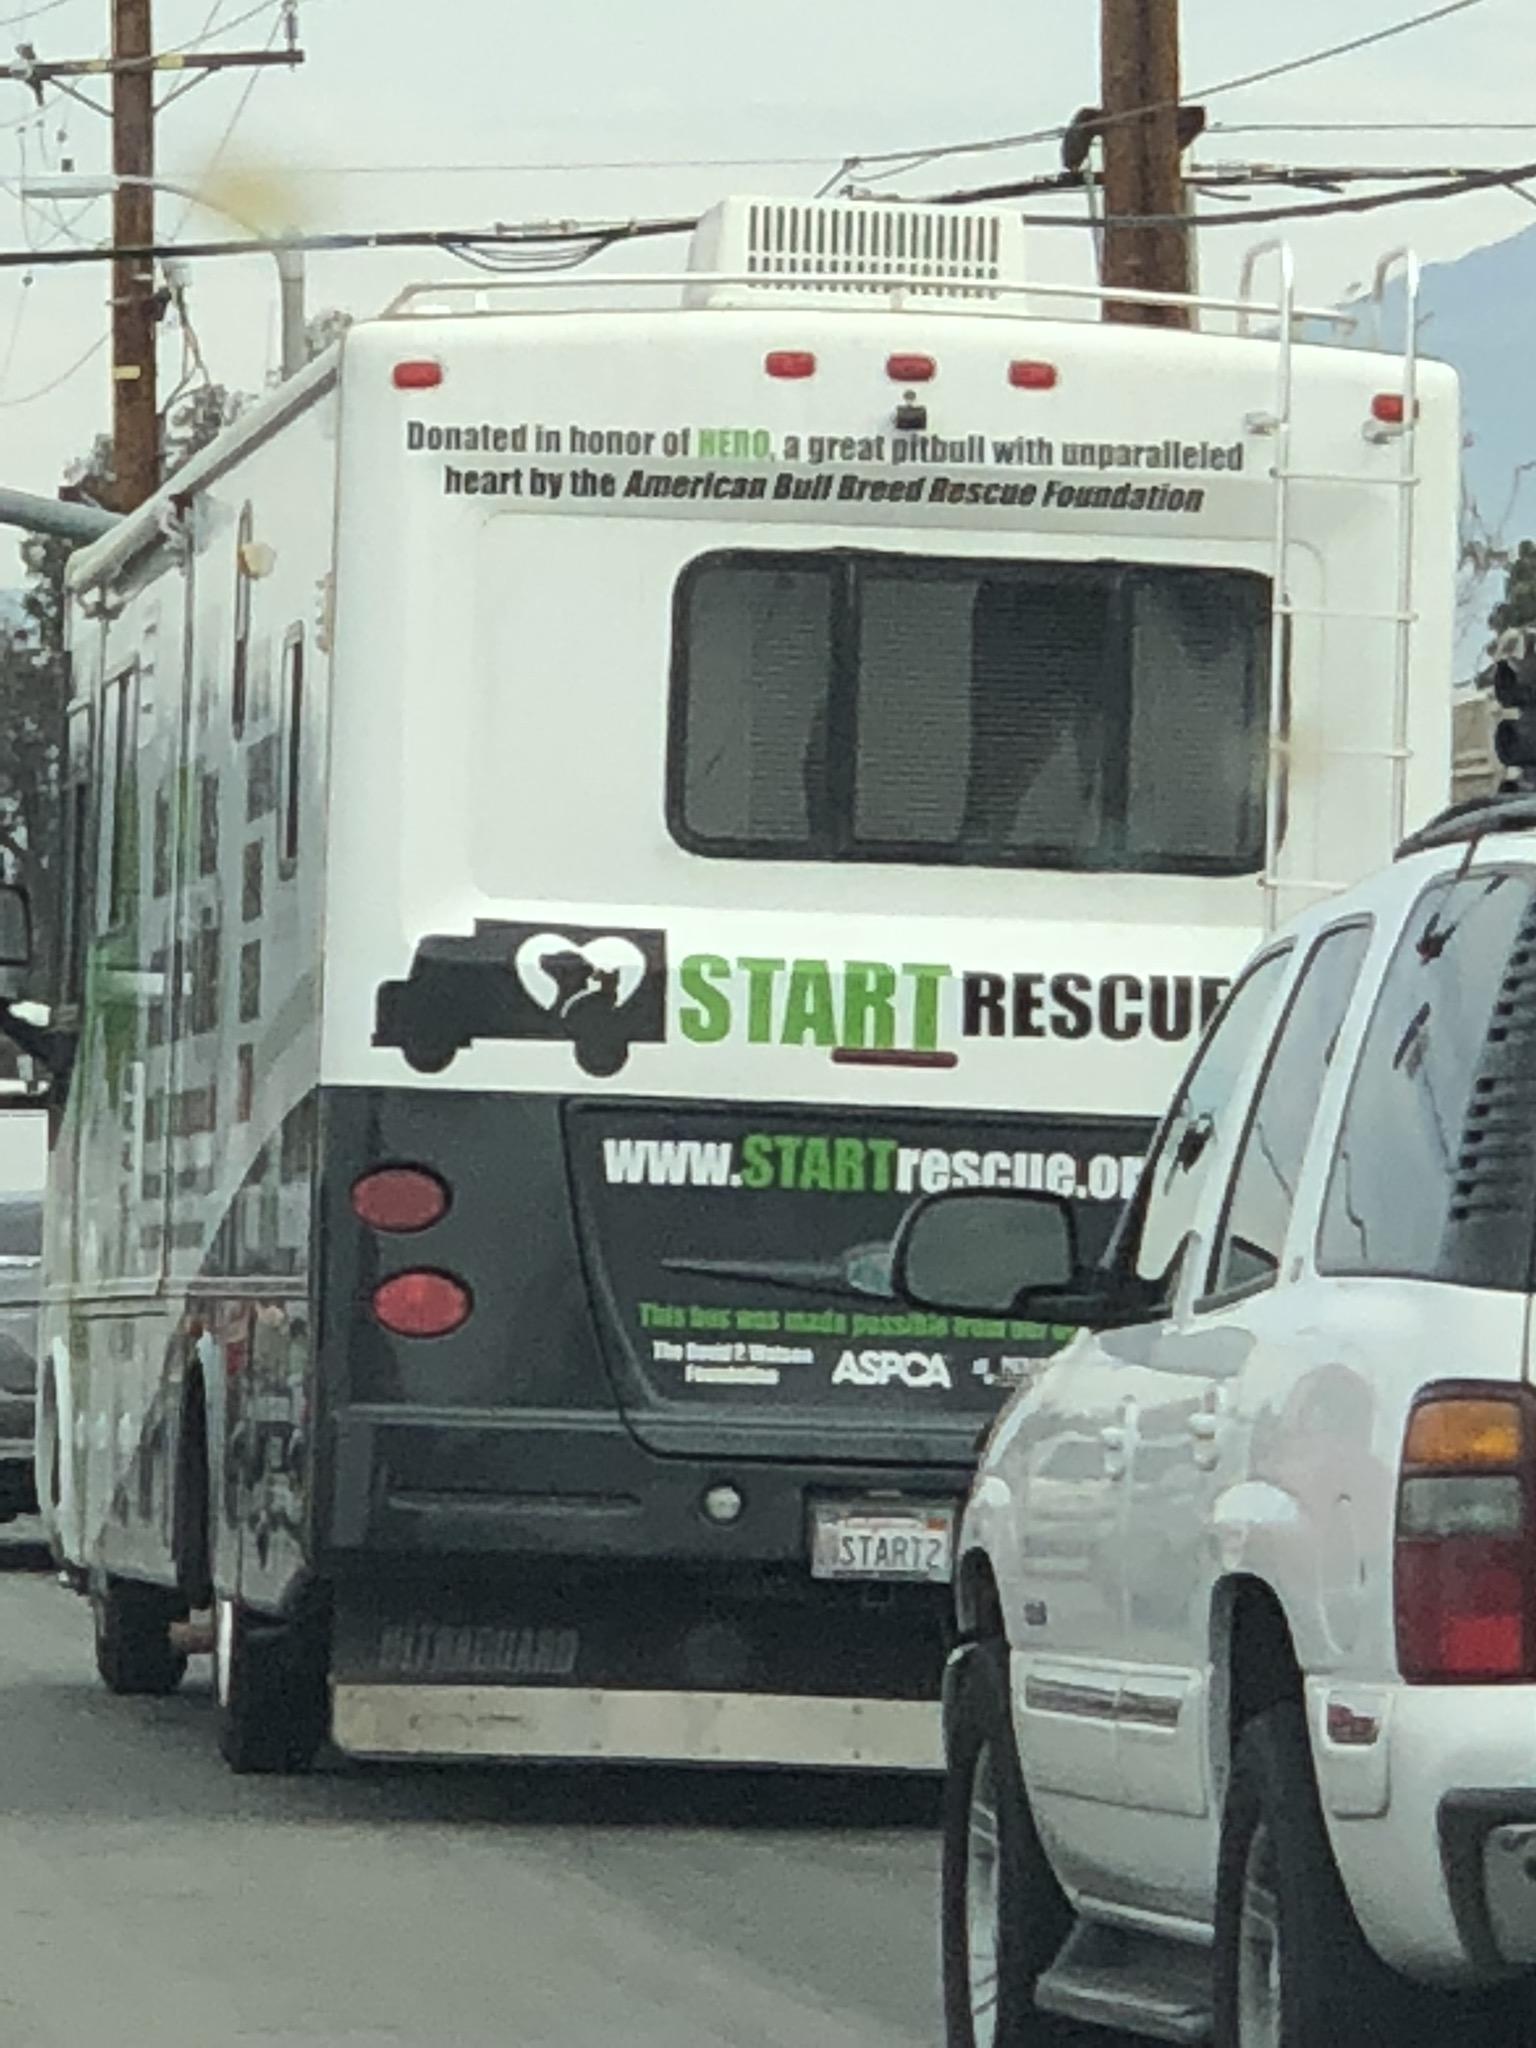 S.T.A.R.T. Rescue #2